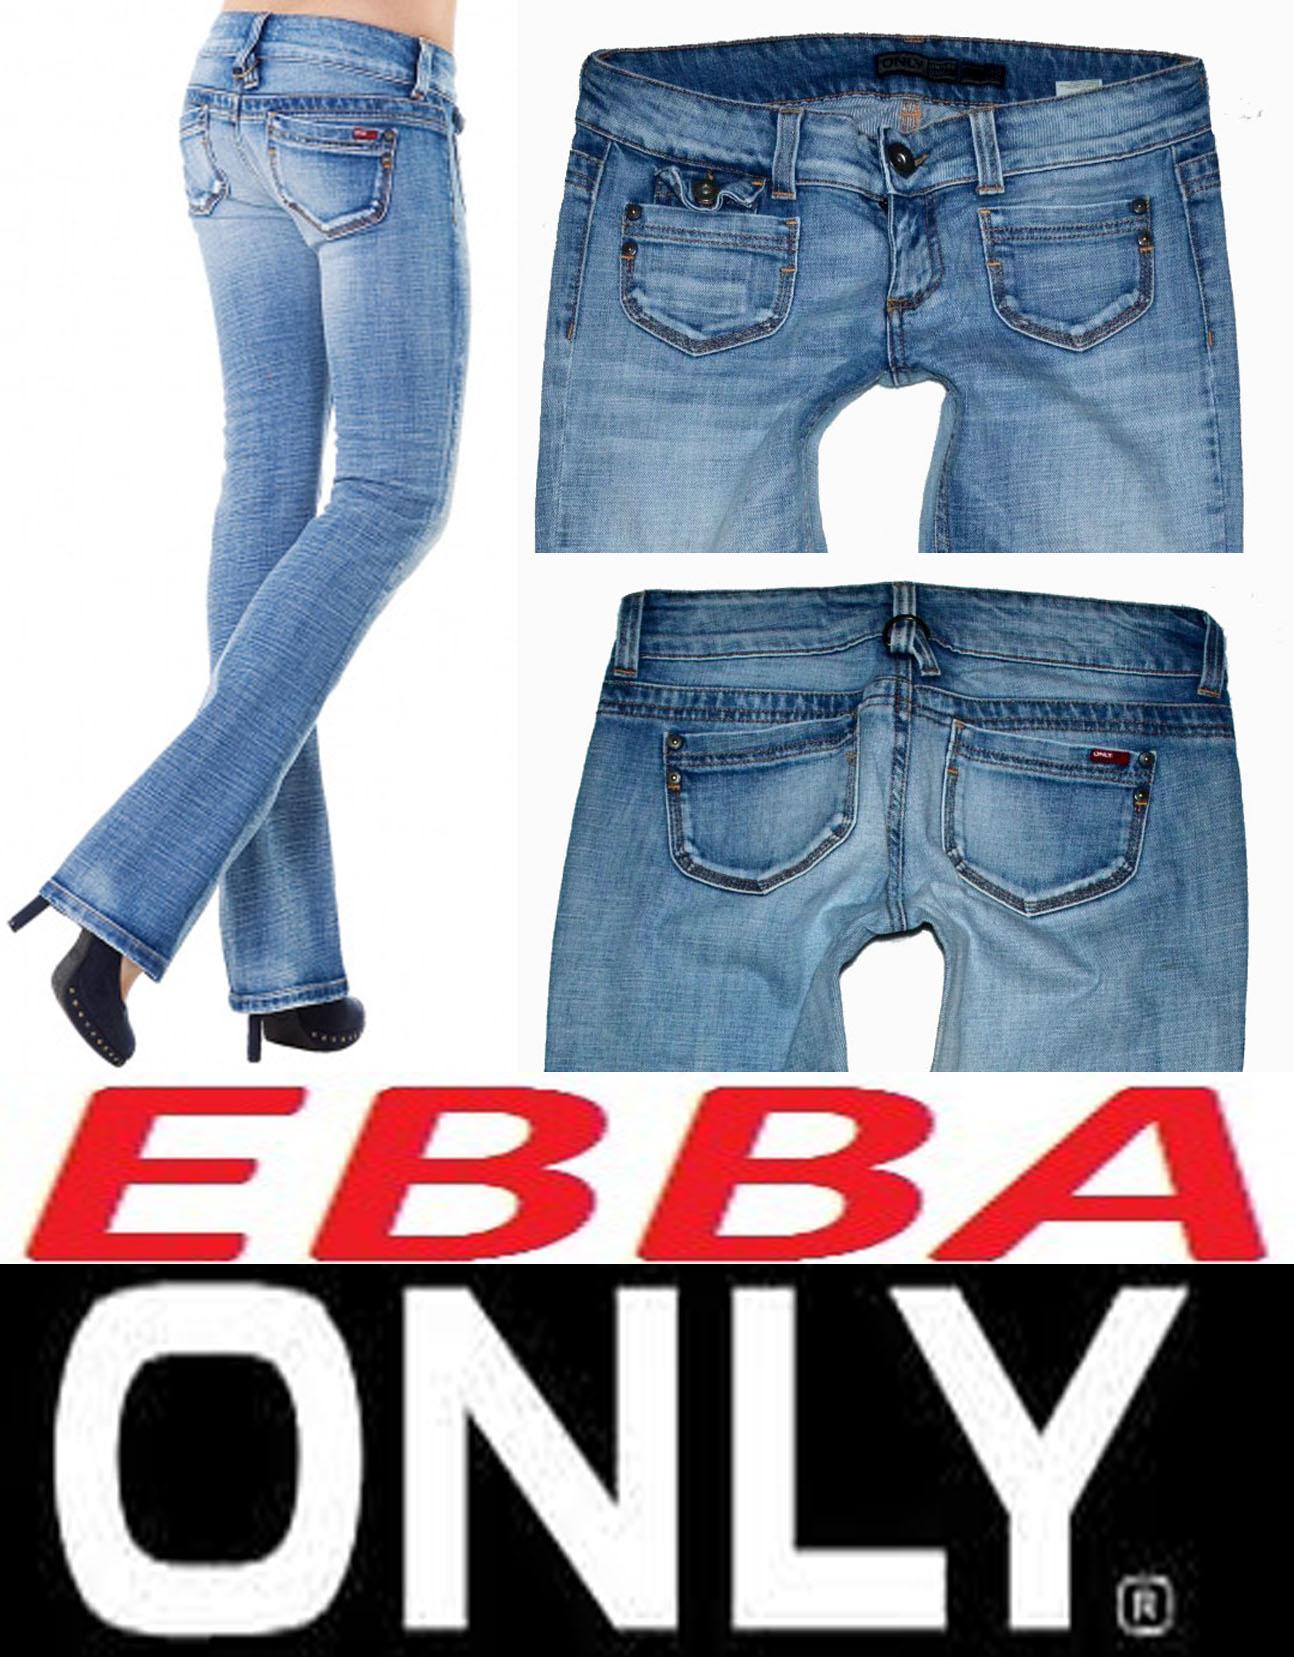 Džíny s elastanem zn. ONLY EBBA vel. 30 32 empty !!! 0e65cef541